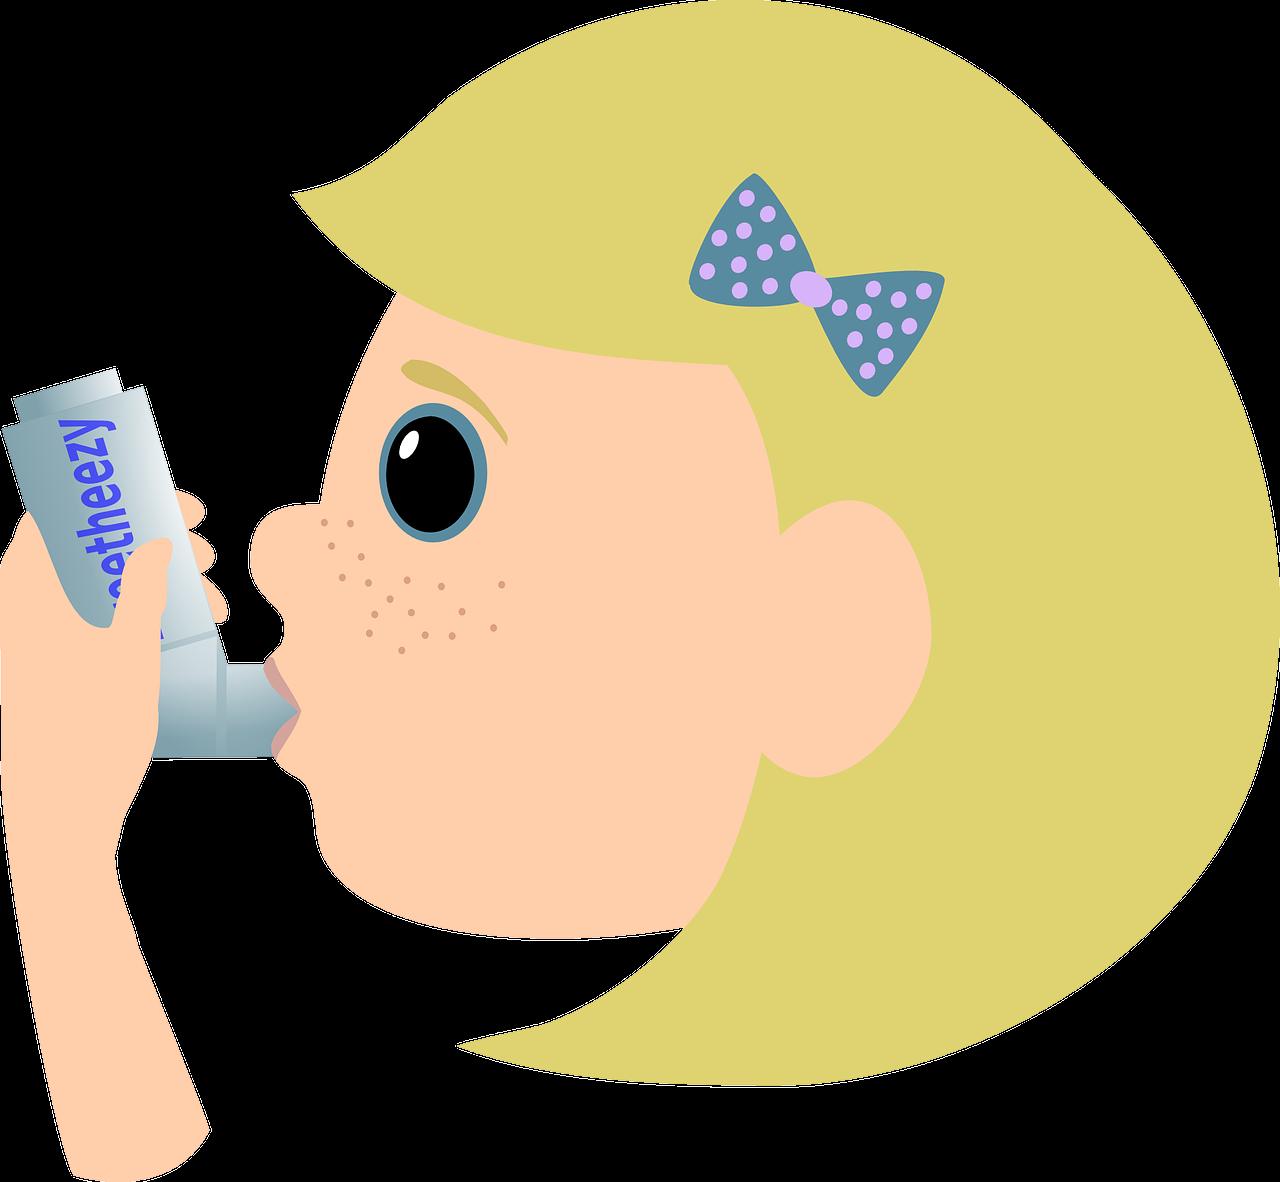 rajz egy szeplős lányról, aki asztmás